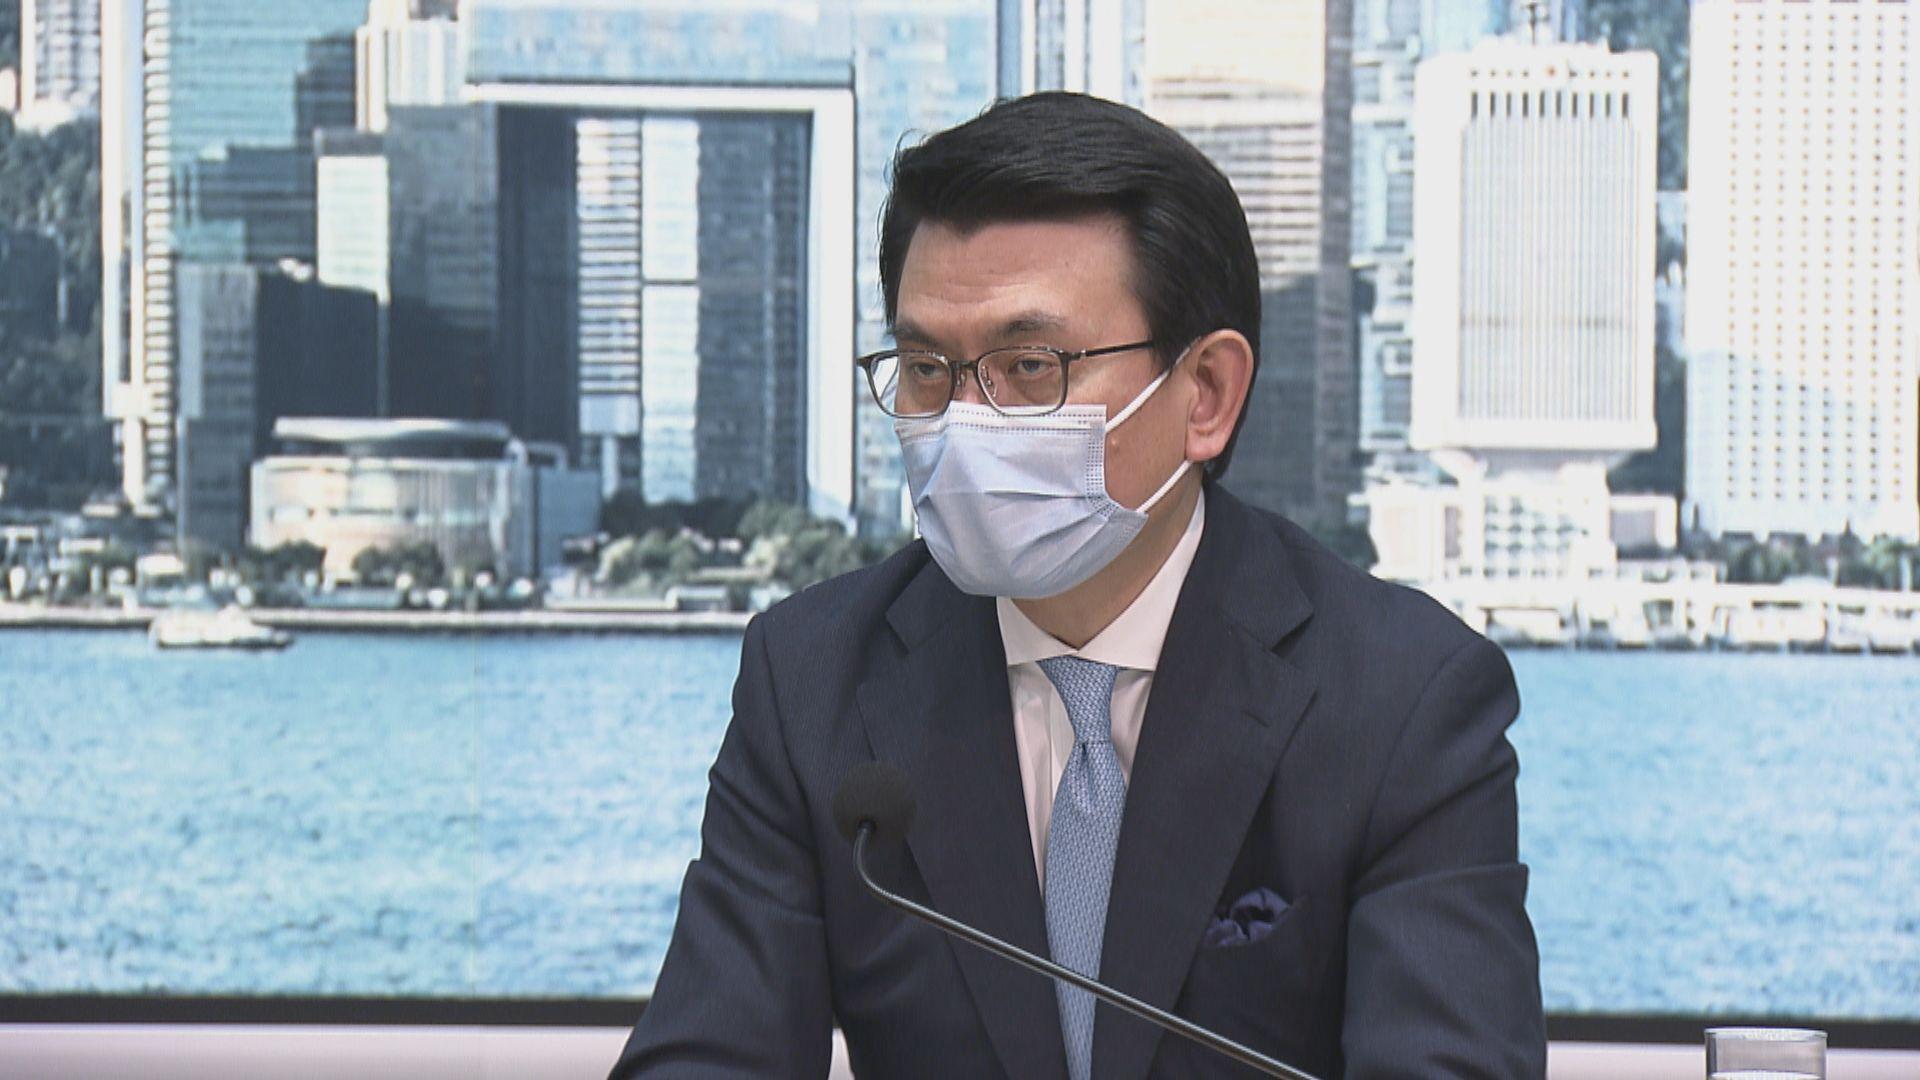 邱騰華:「公海遊」不能將旅遊業起死回生但可視為起步